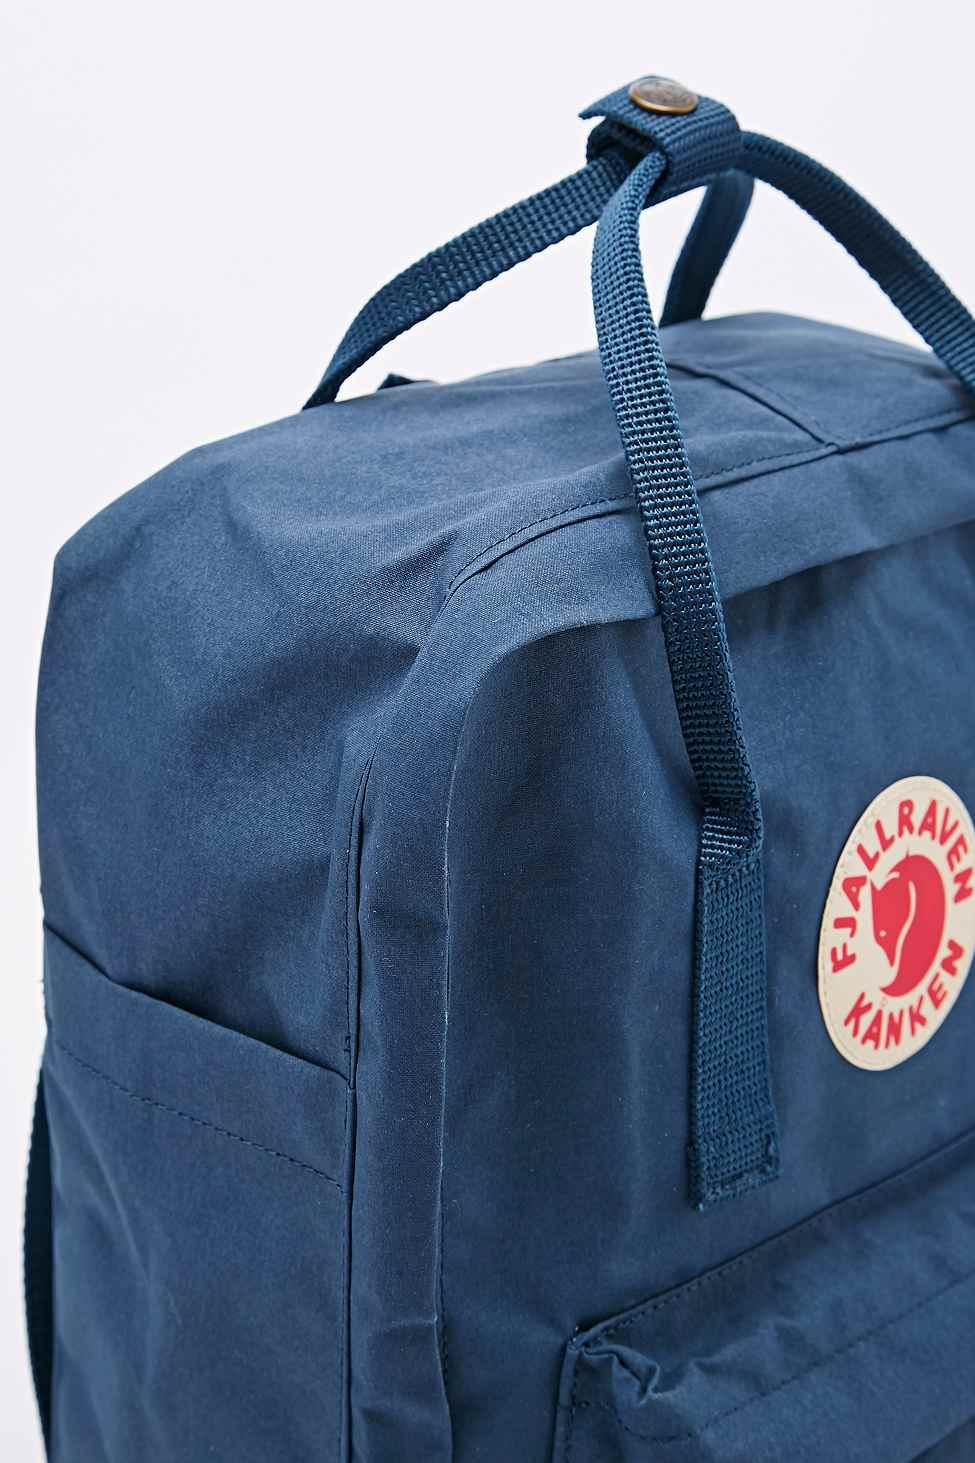 fjällräven rucksack royal blue